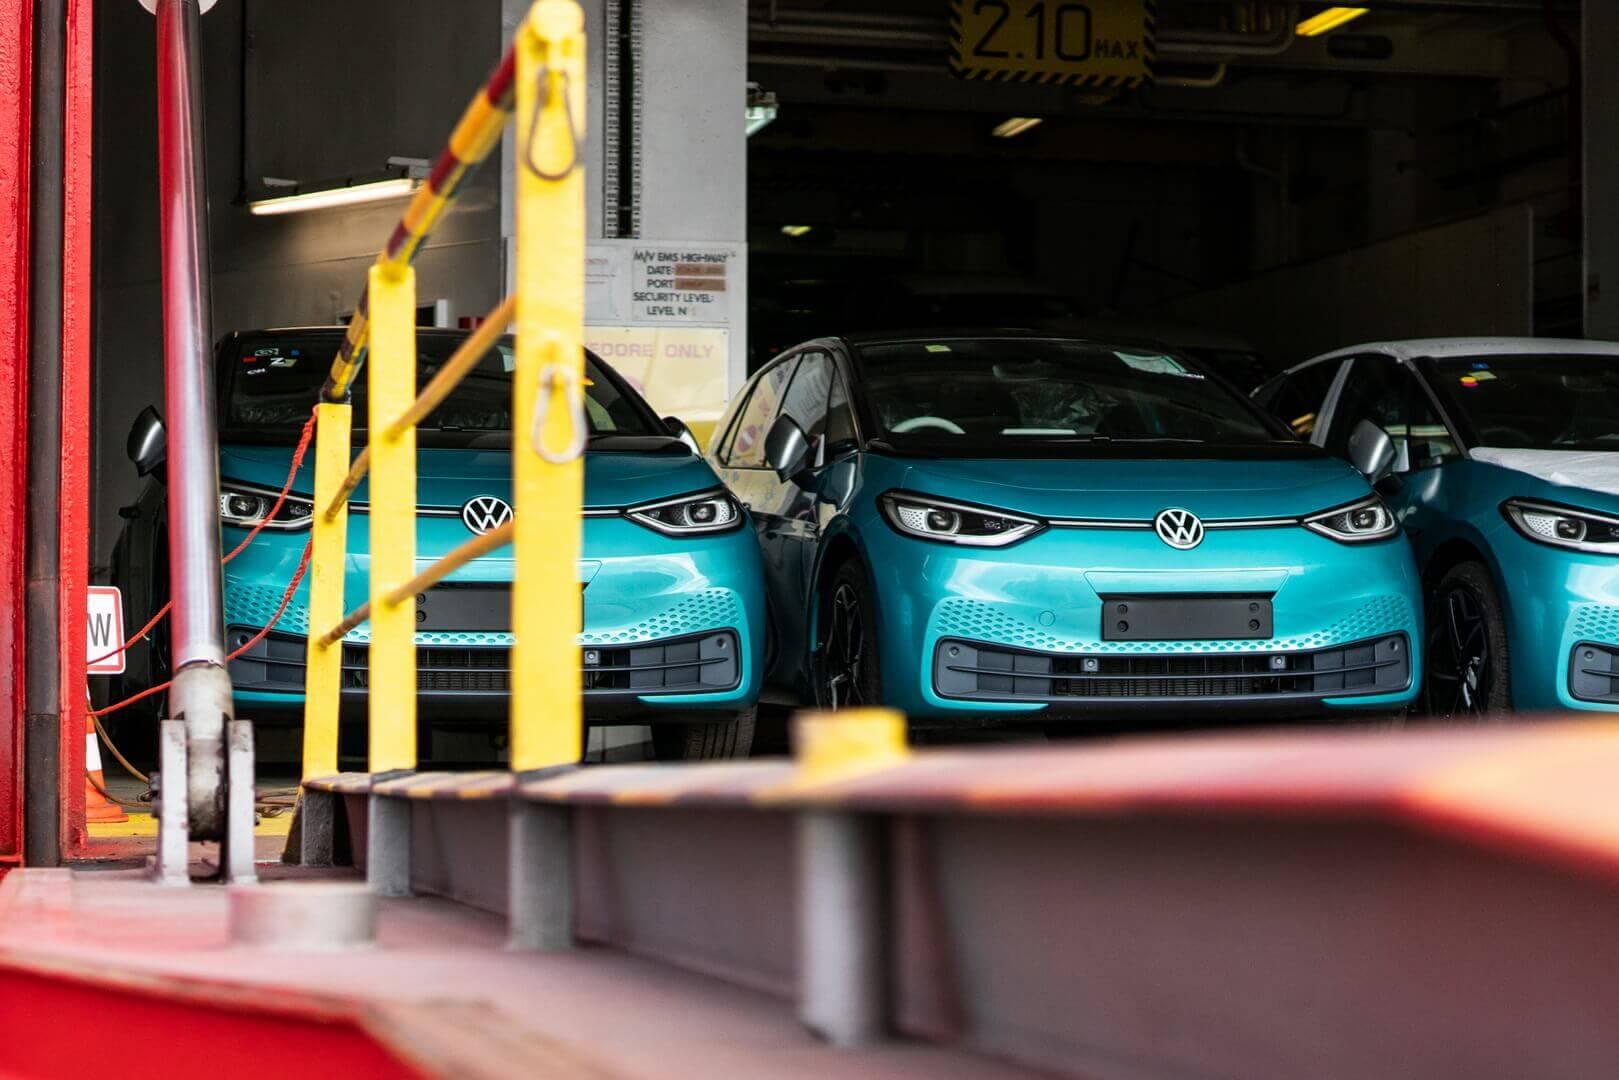 Первая партия клиентских электромобилей — лимитированные модели со спецификацией ID.3 1-го издания достигла британских берегов